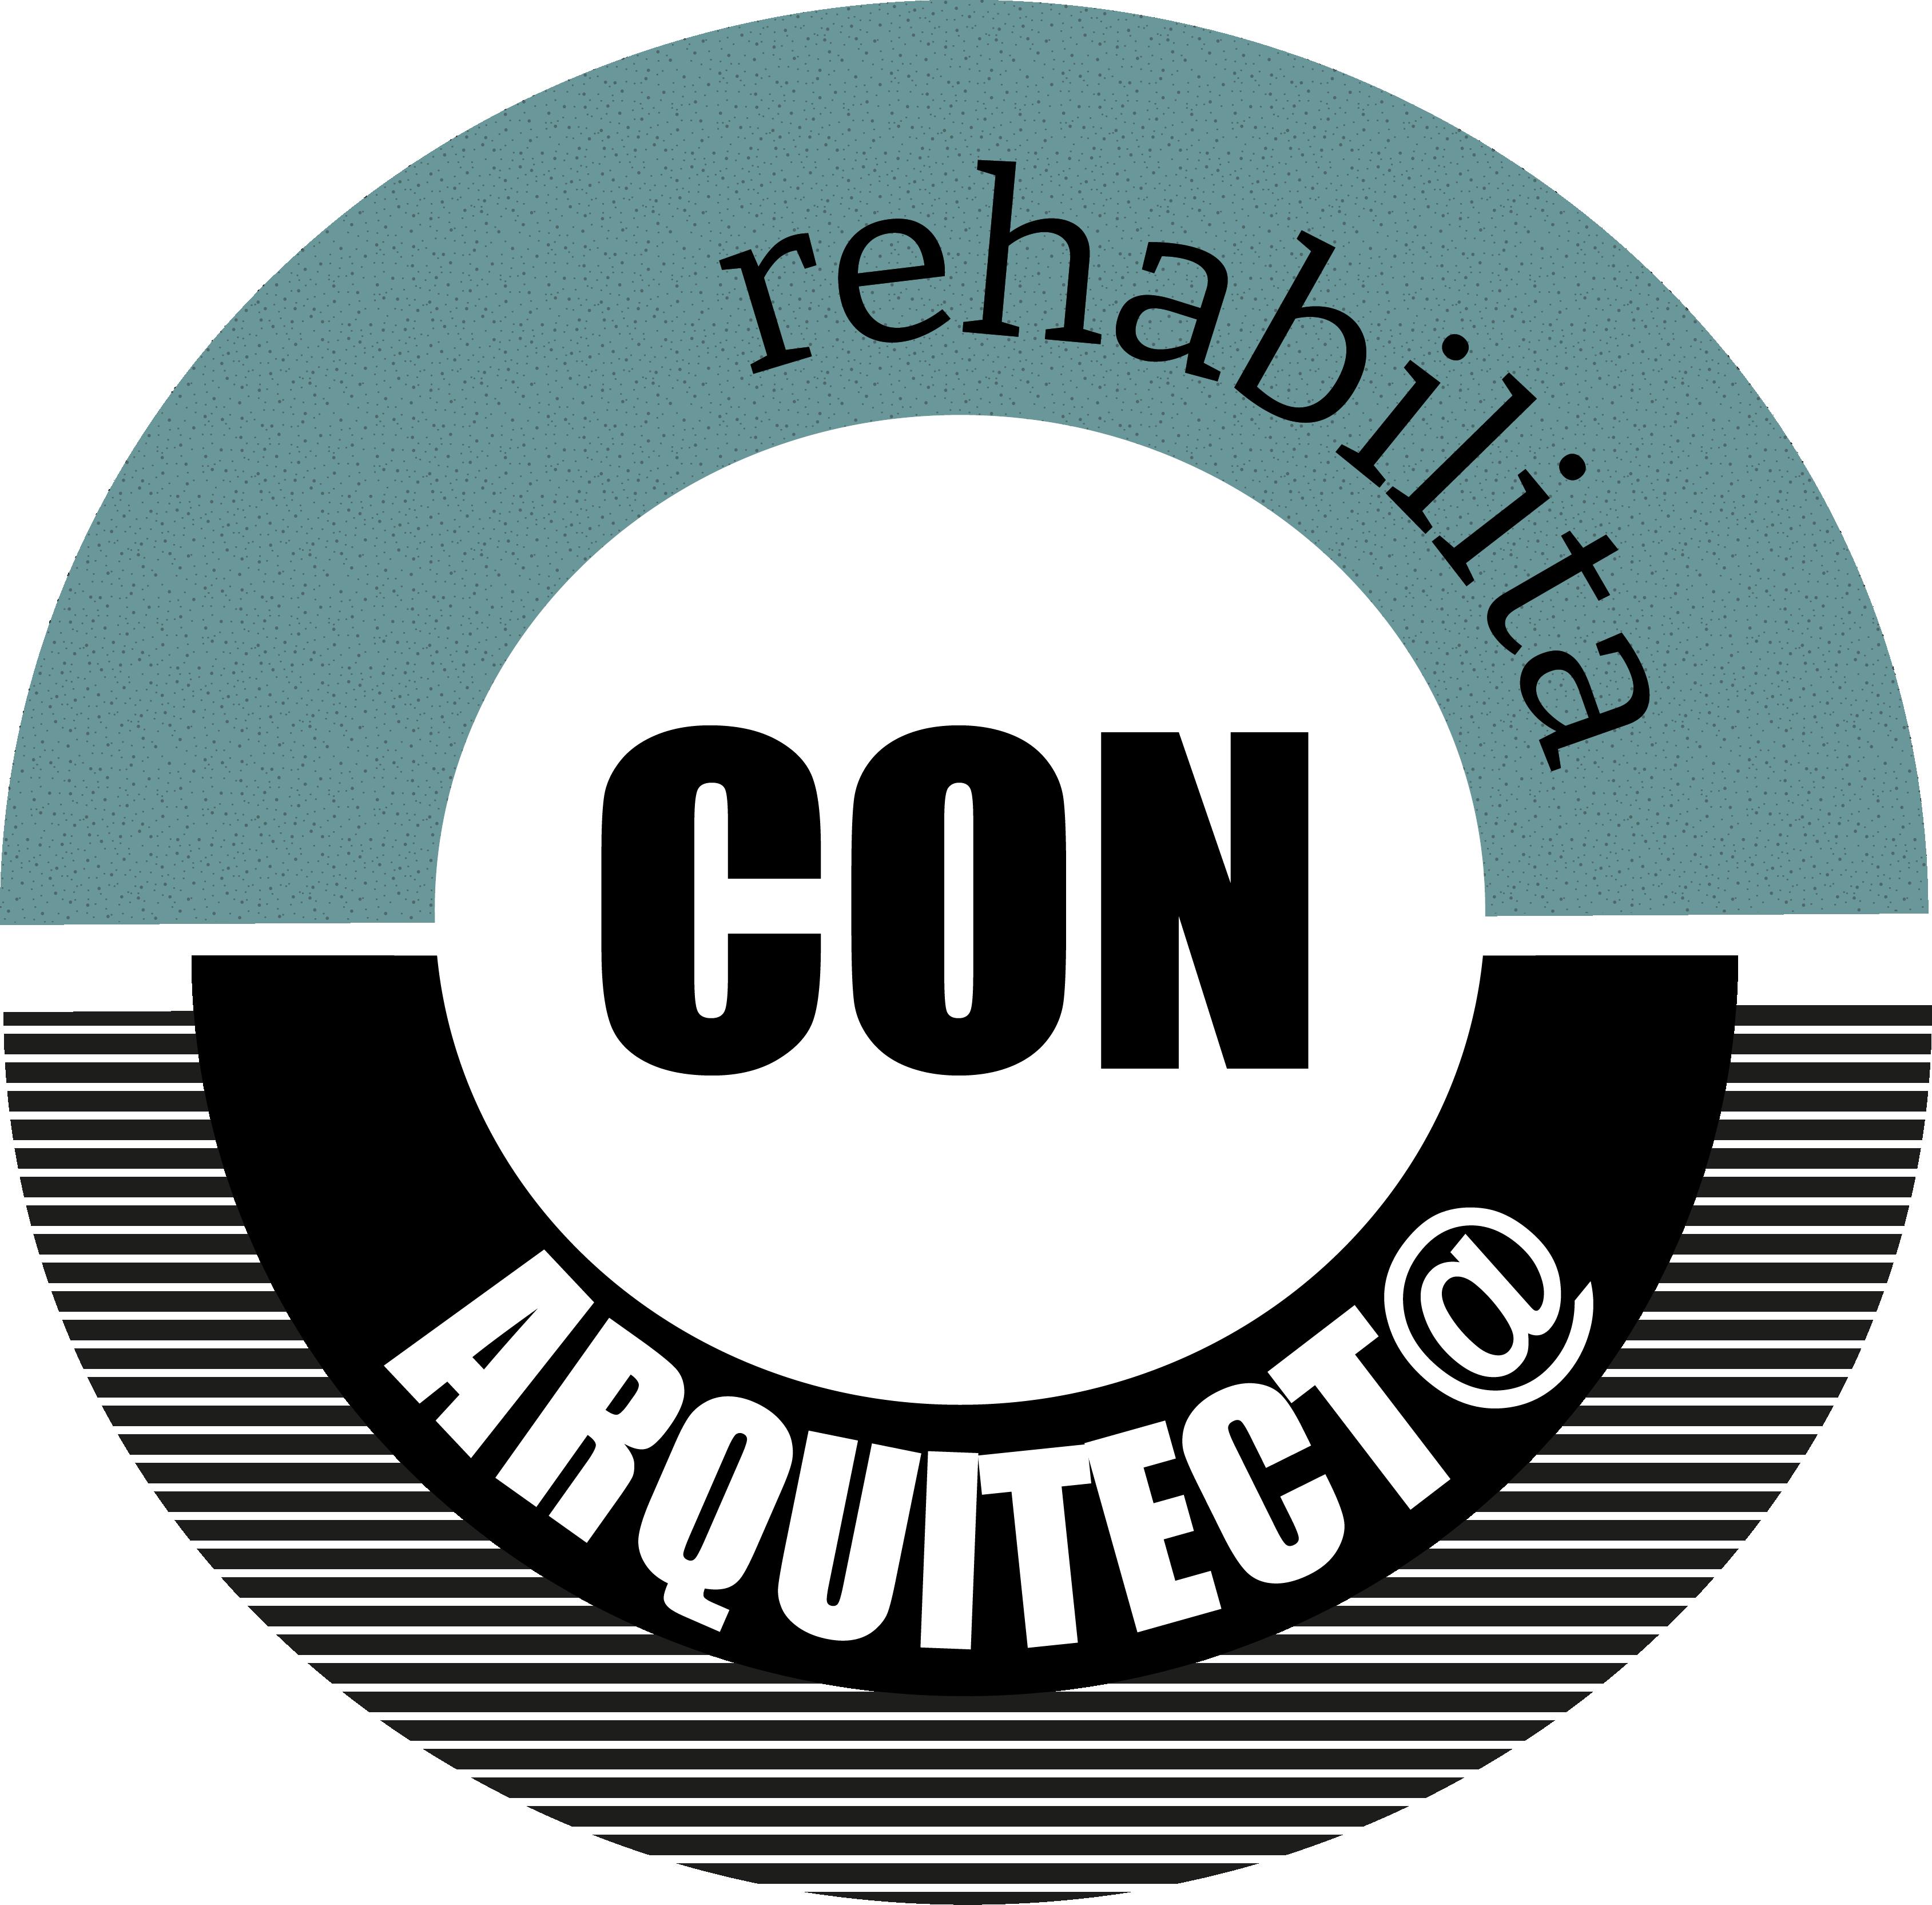 rehabilita CON